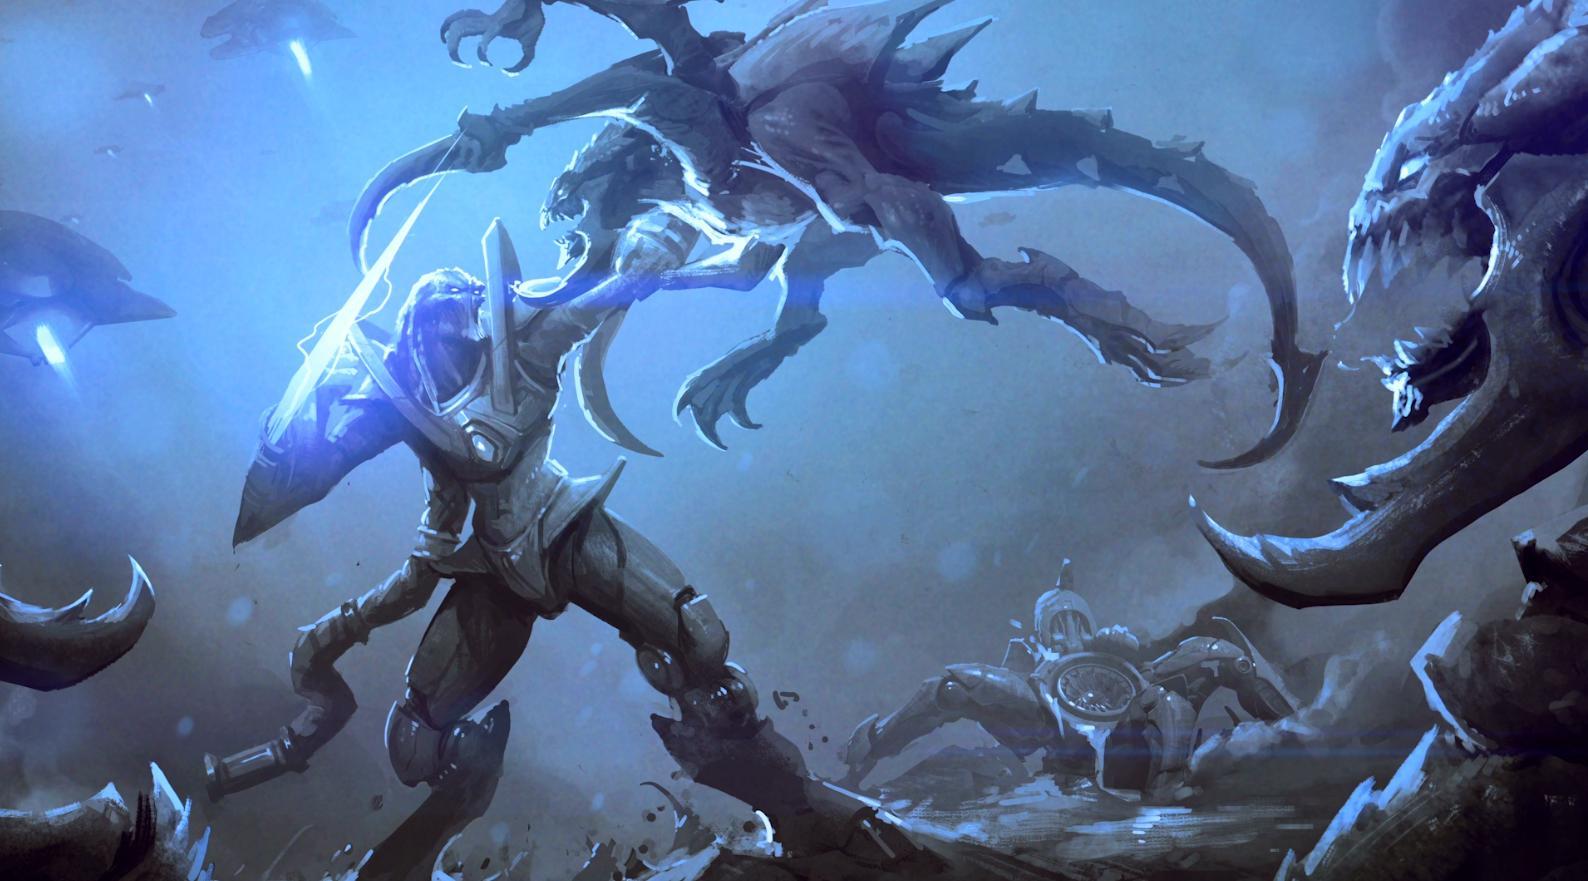 《星际争霸》龙骑士重回战场:菲尼克斯将加入《风暴英雄》